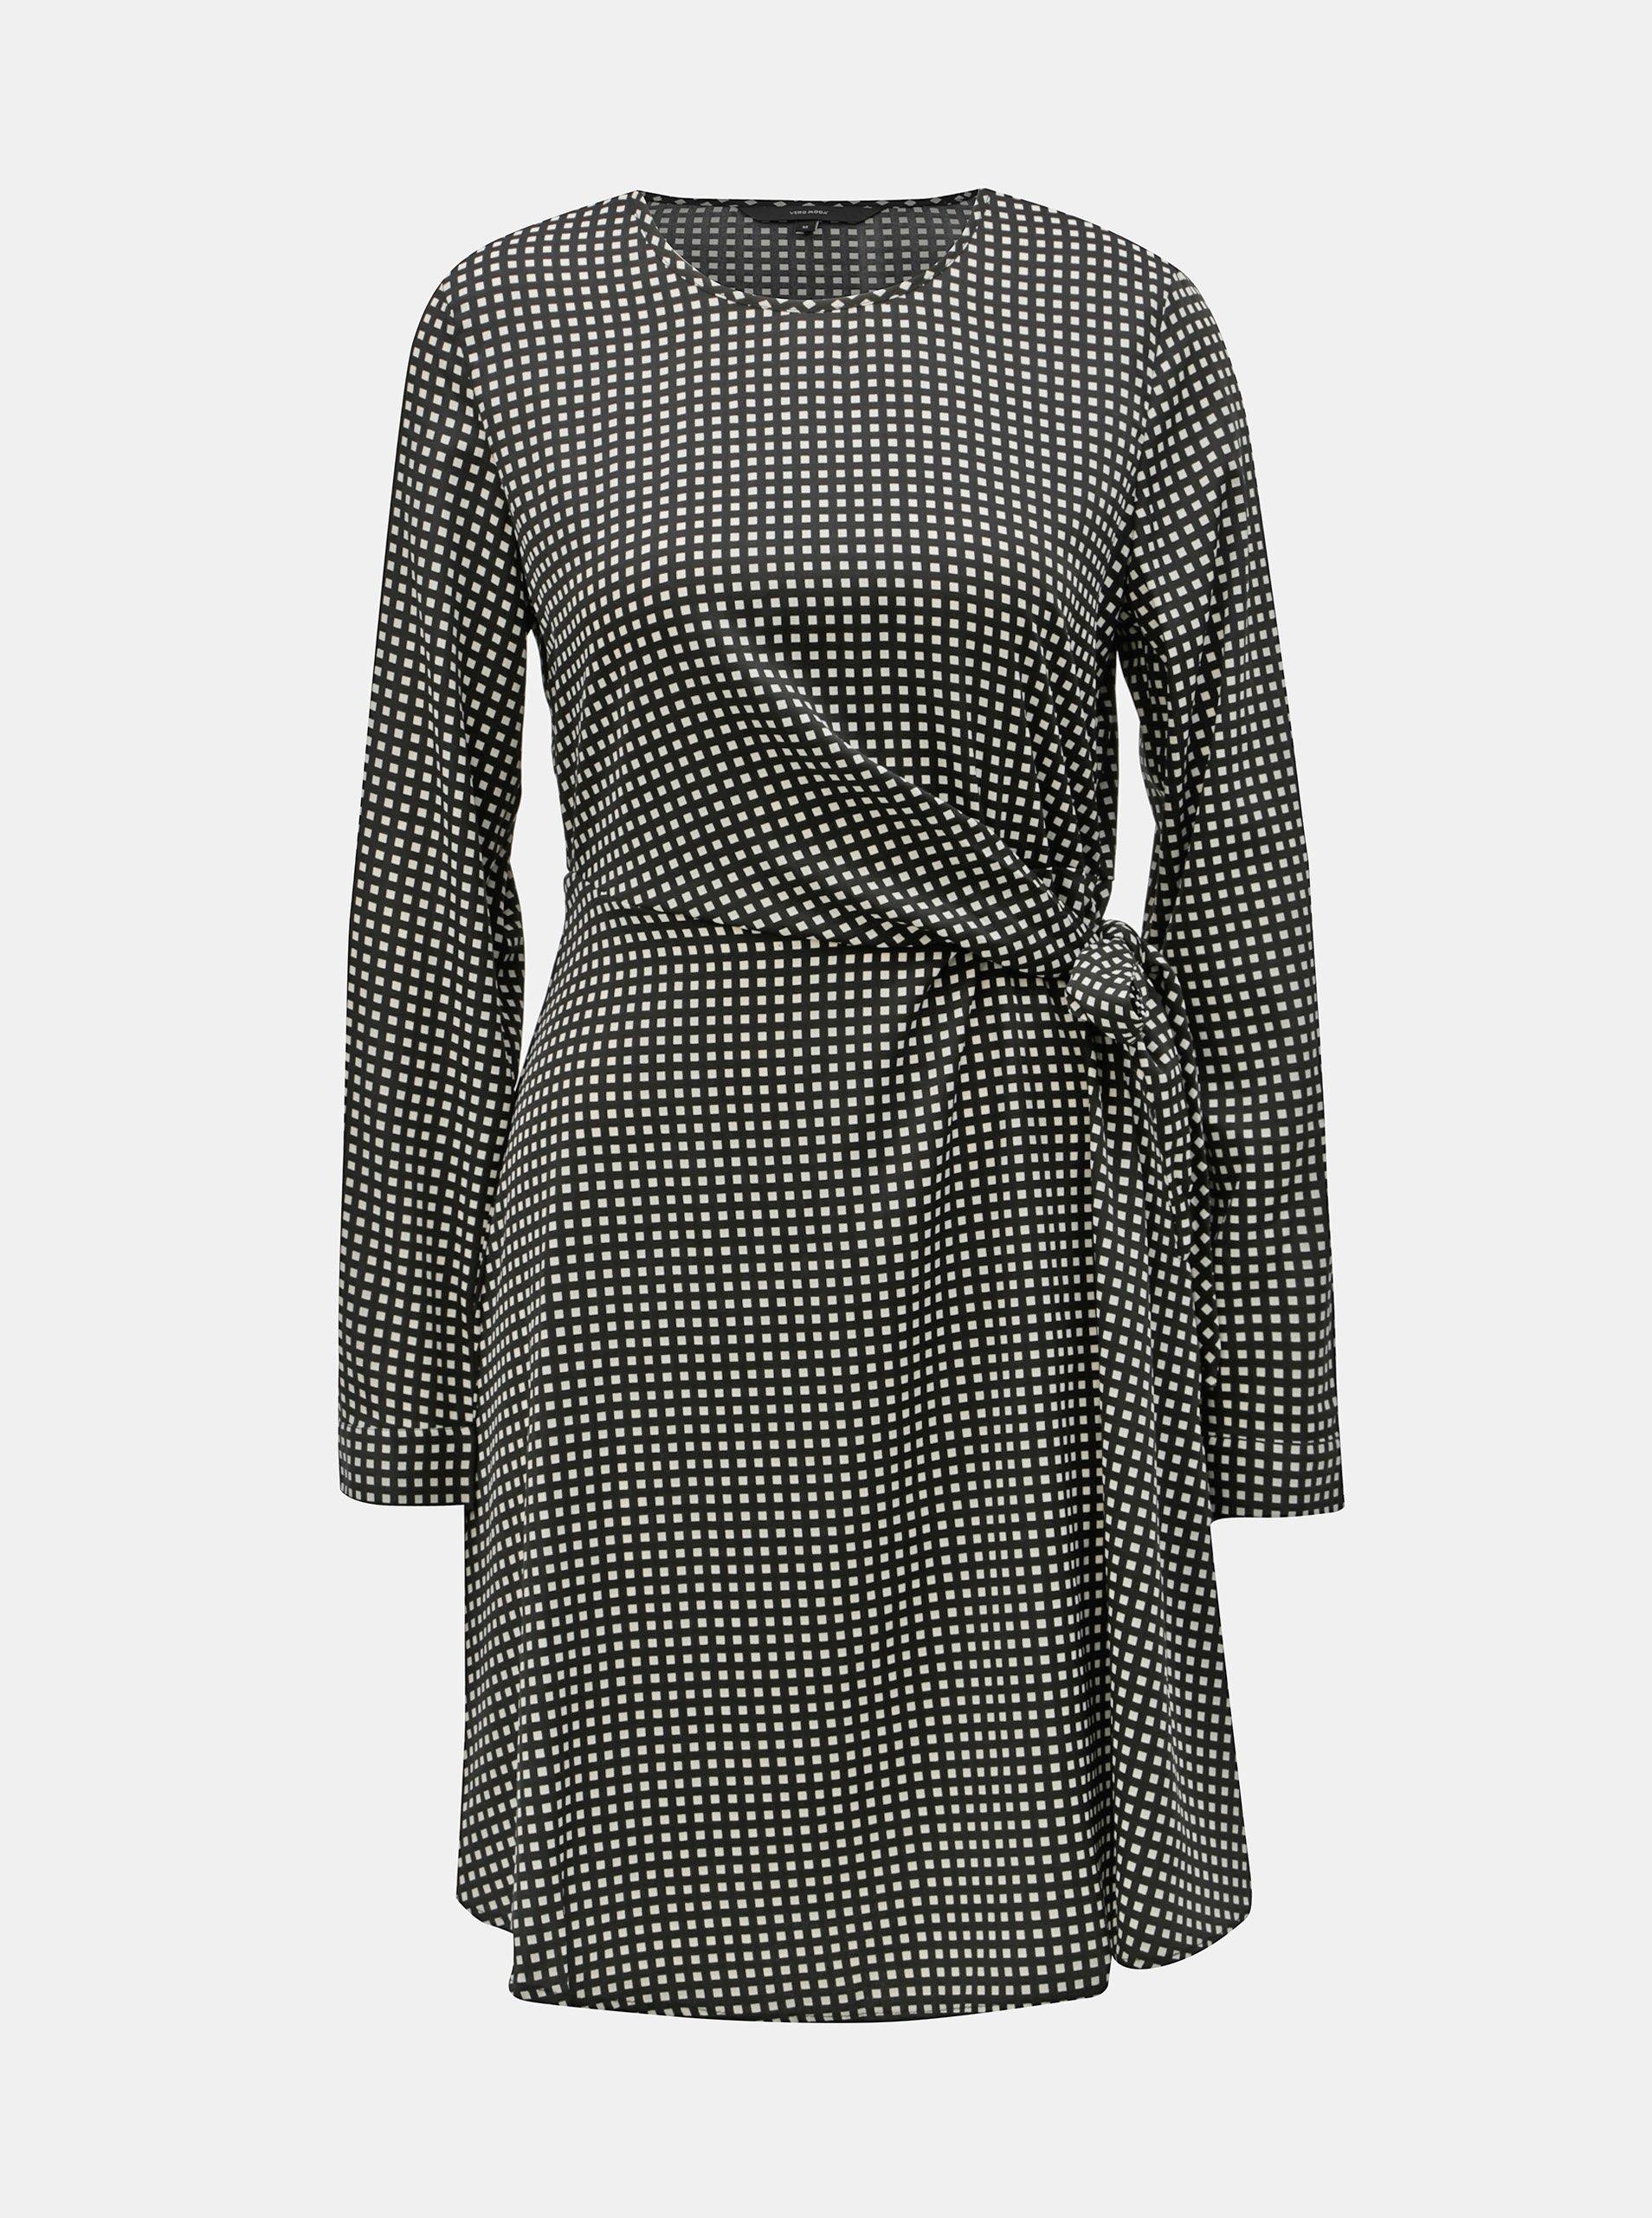 f02eca12fdf6 Černo-bílé kostkované šaty s mašlí VERO MODA Square